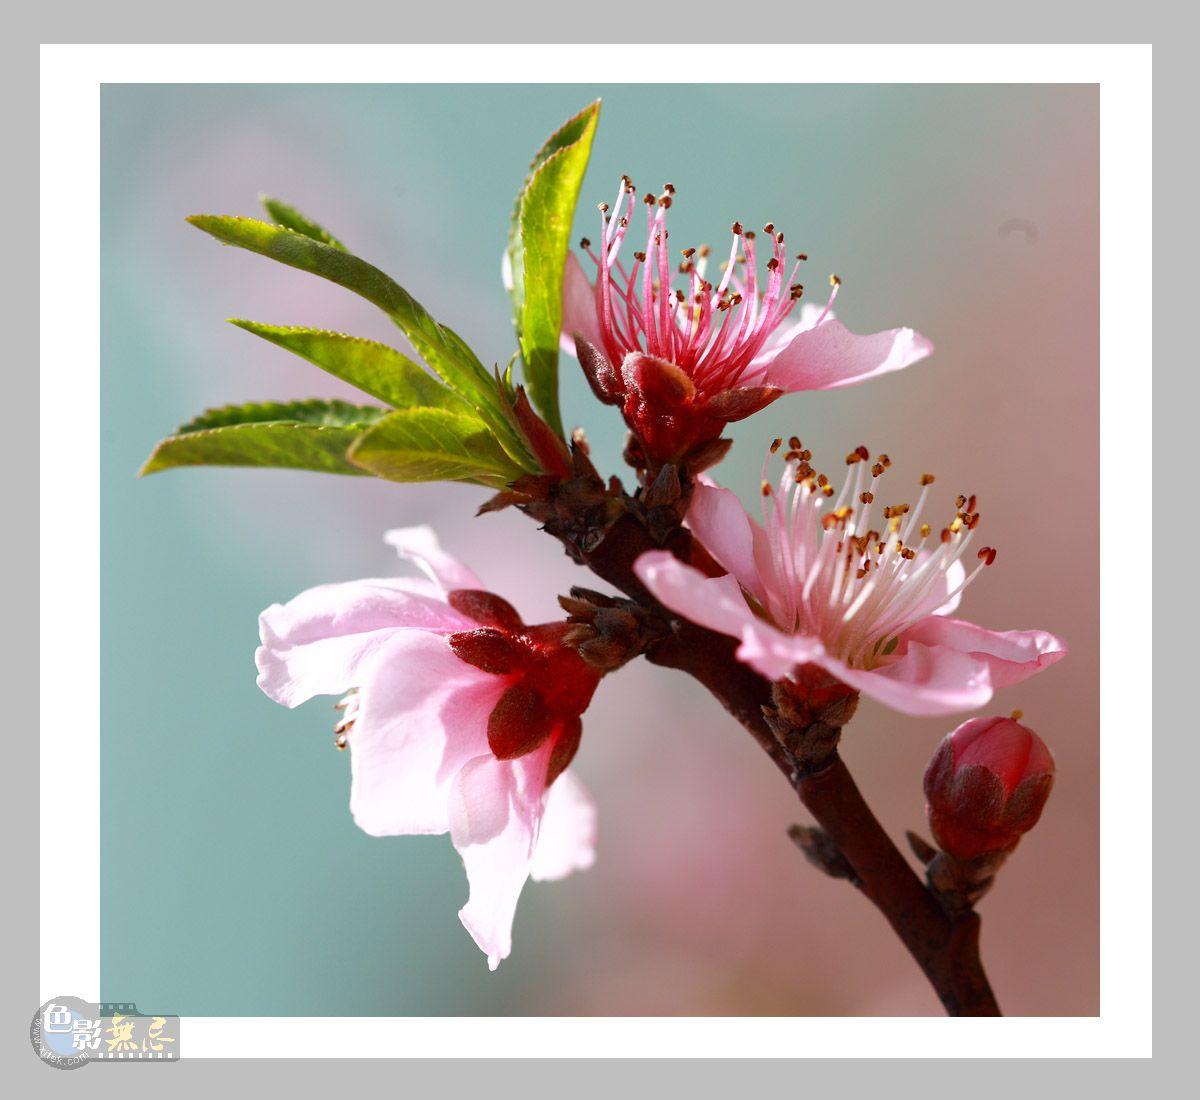 三峡风光作品:桃花